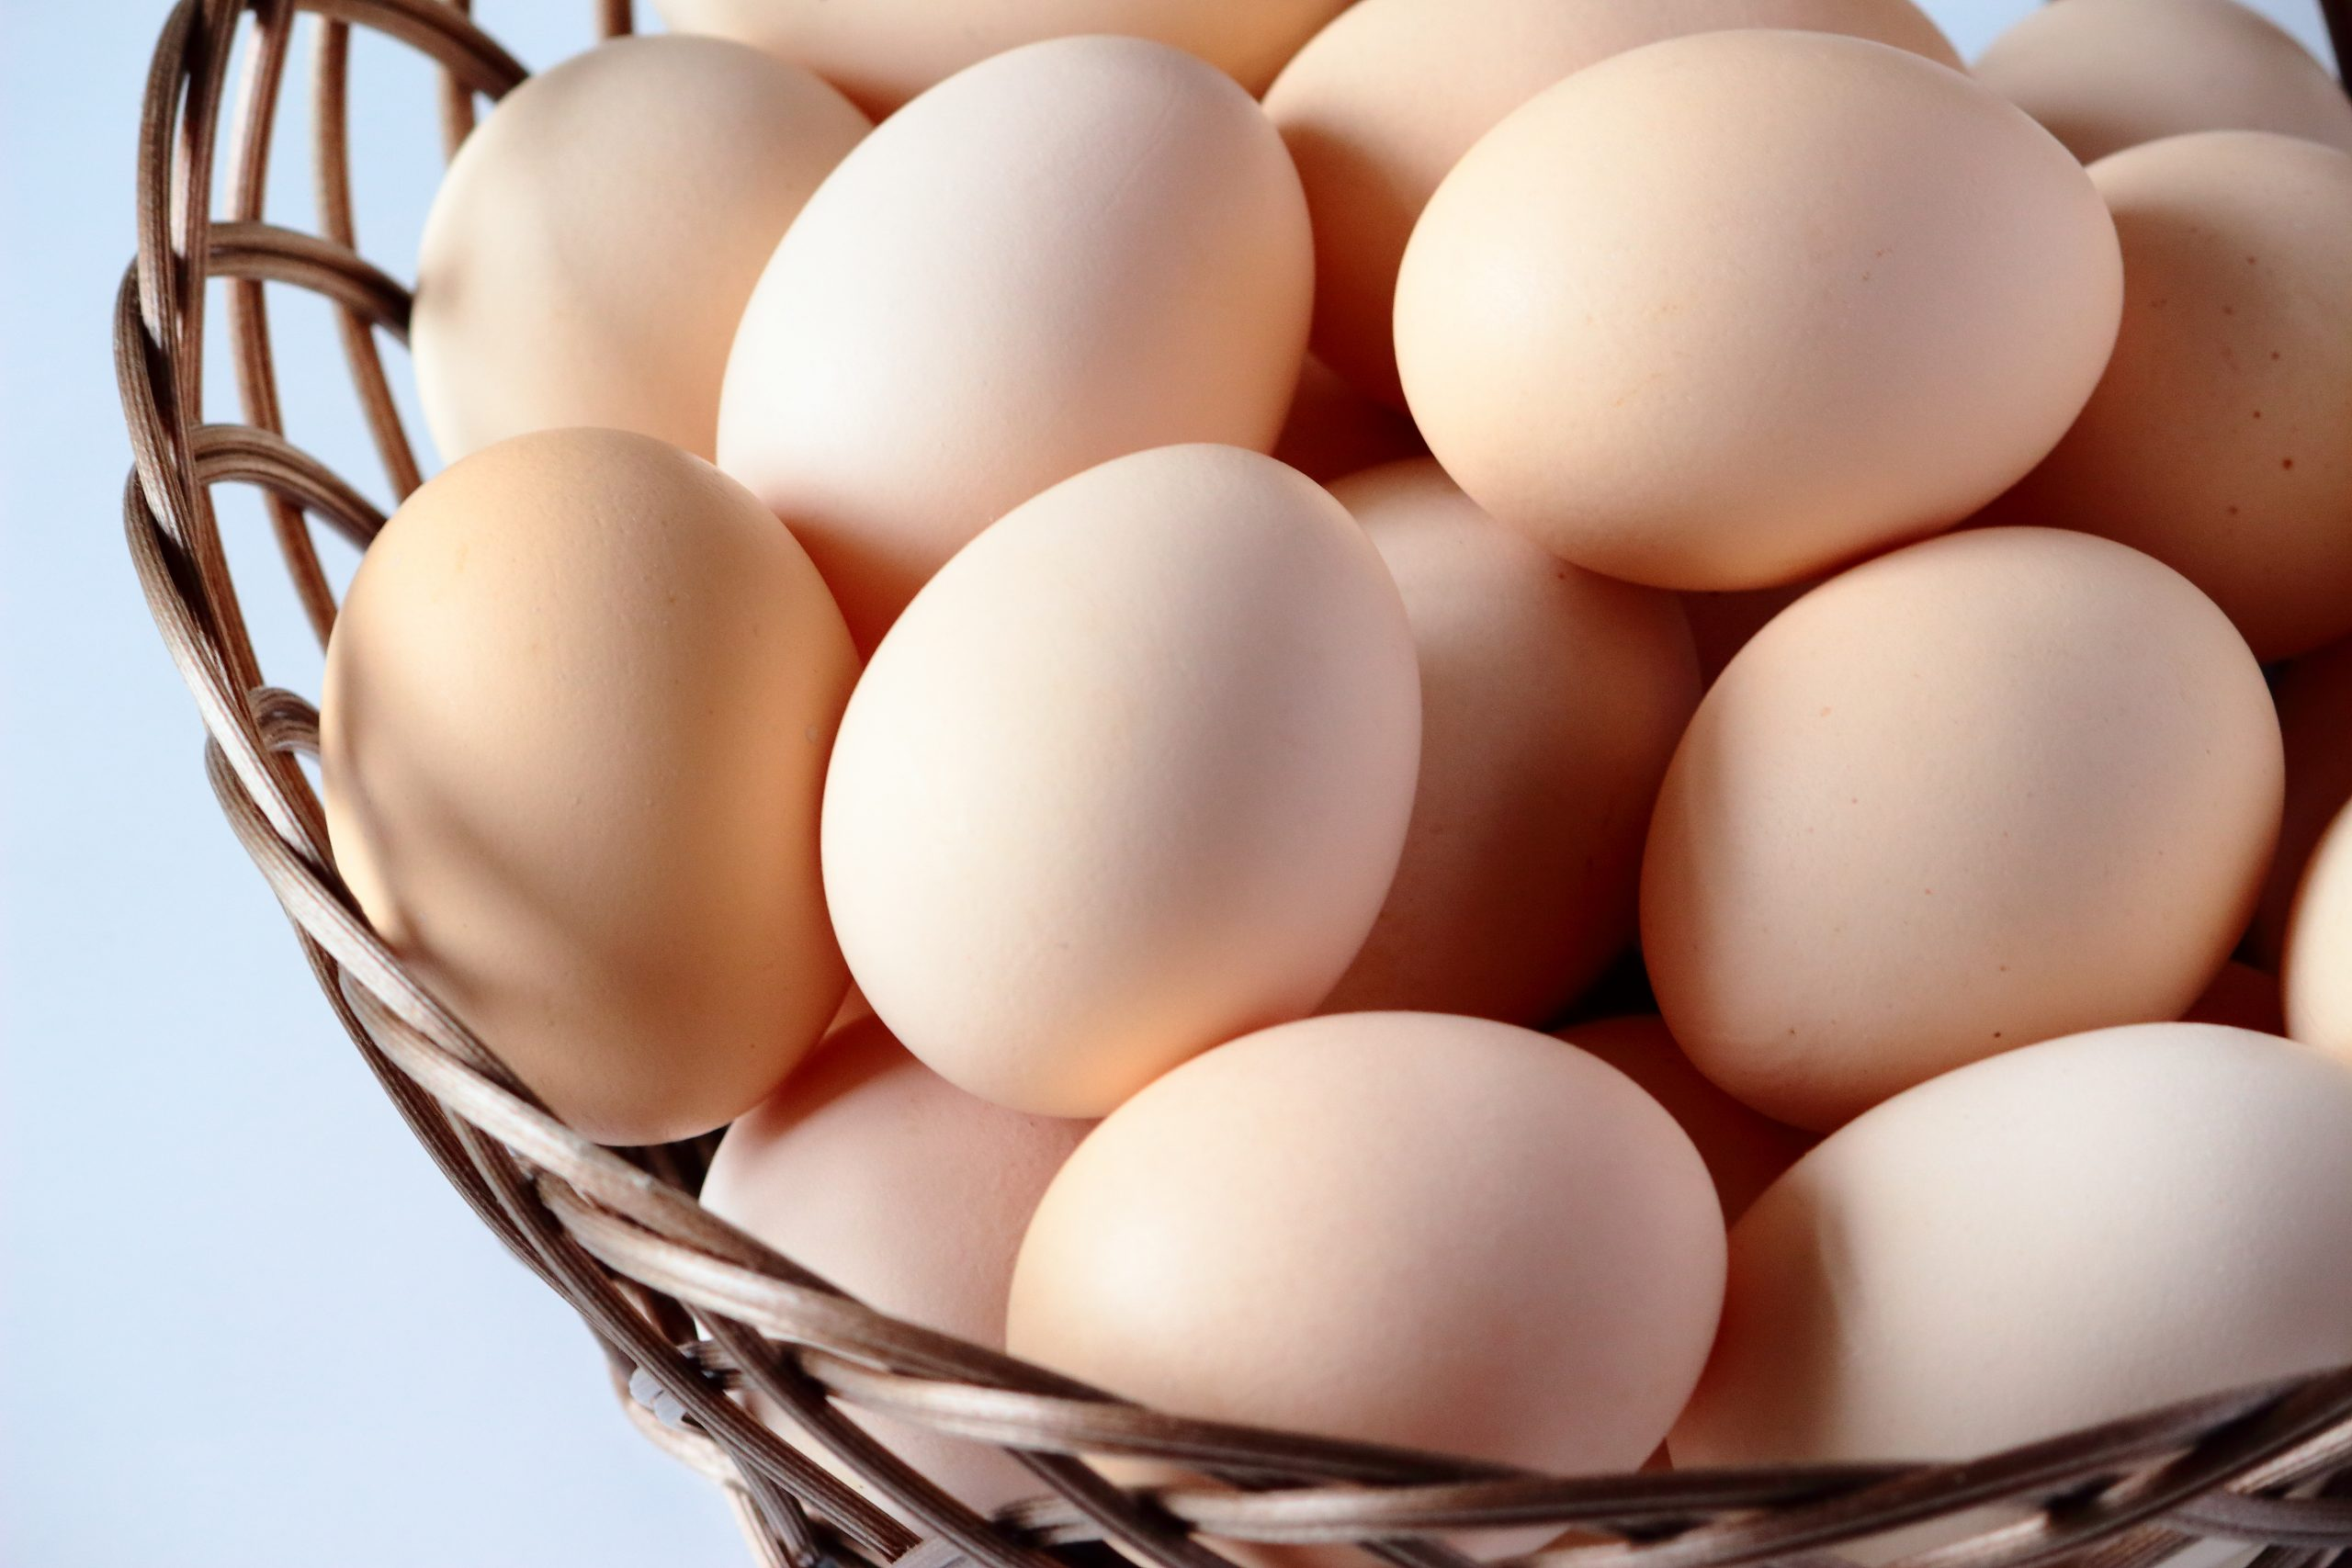 スーパーで売っているのは有精卵?無精卵?